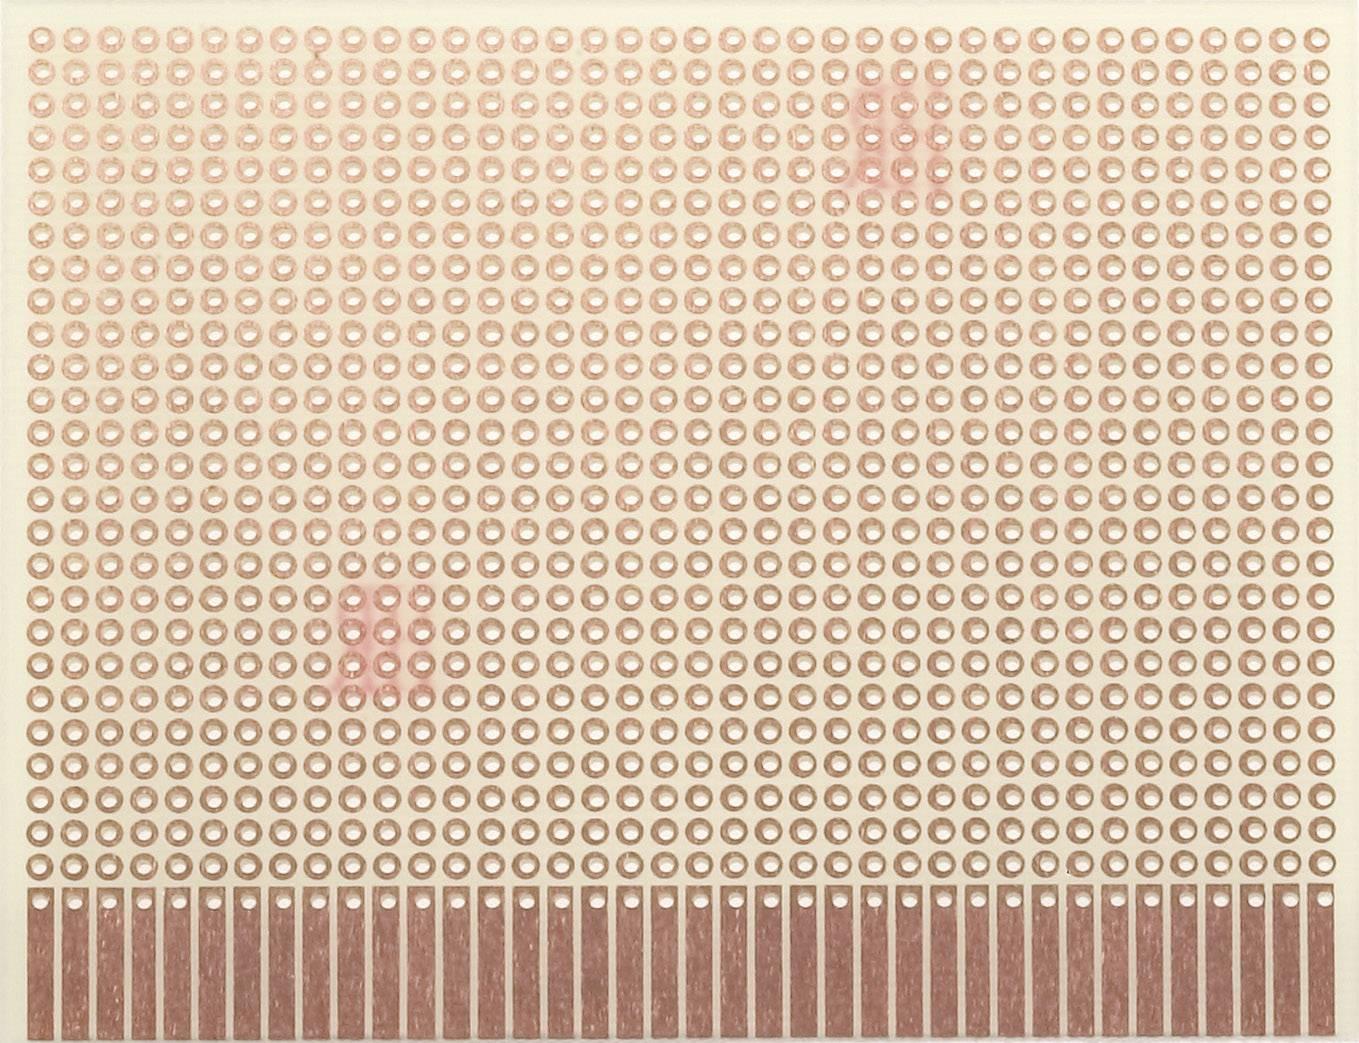 Laboratorní deska WR Rademacher VK C-903-1-EP, 100 x 80 x 1,5 mm, EP